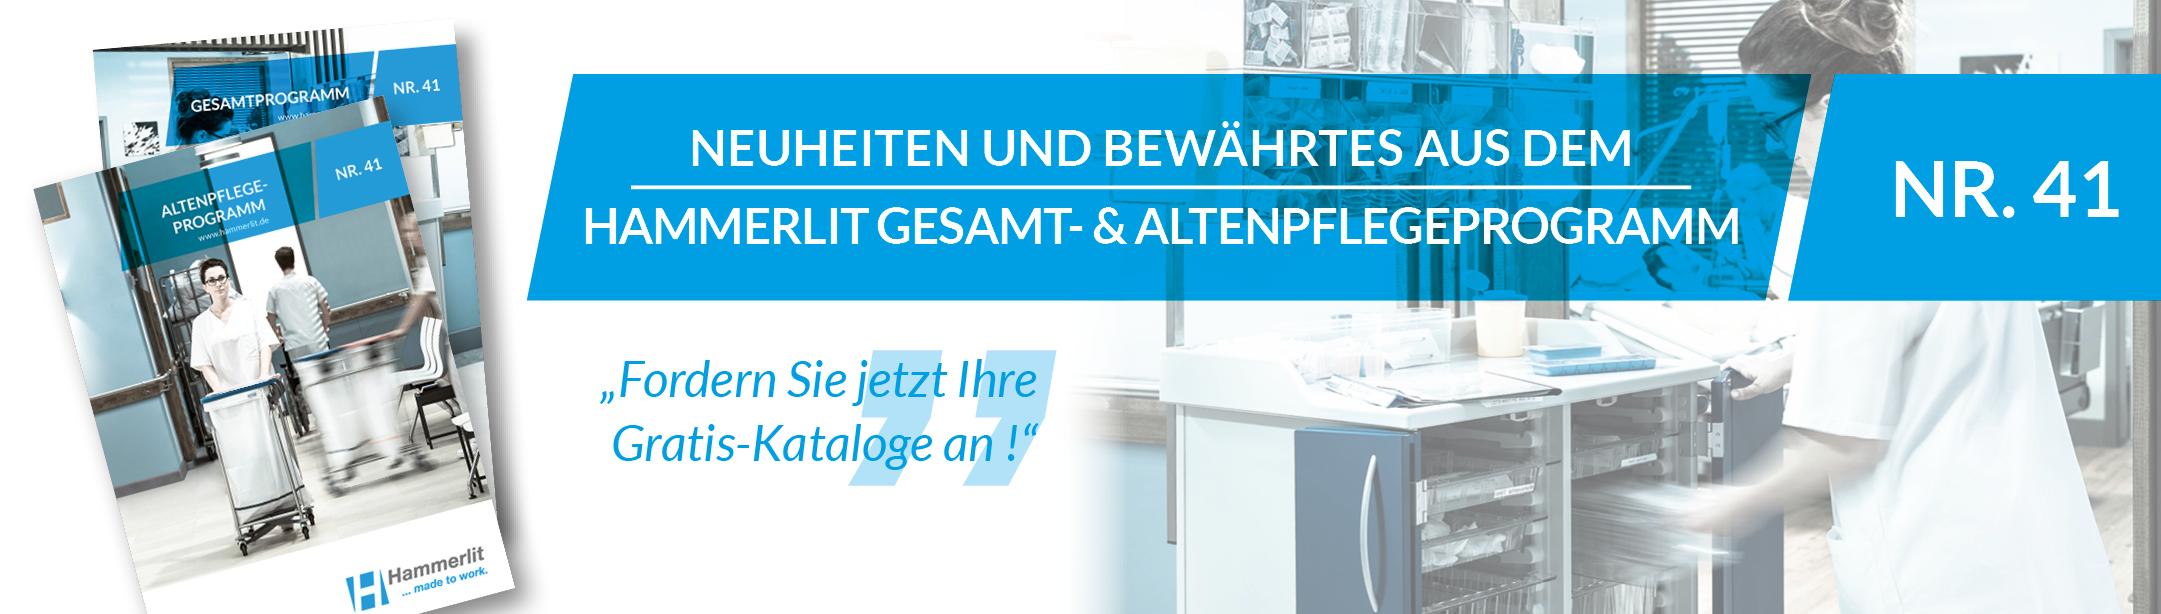 Gesamt- & Altenpflegeprogramm Nr. 41